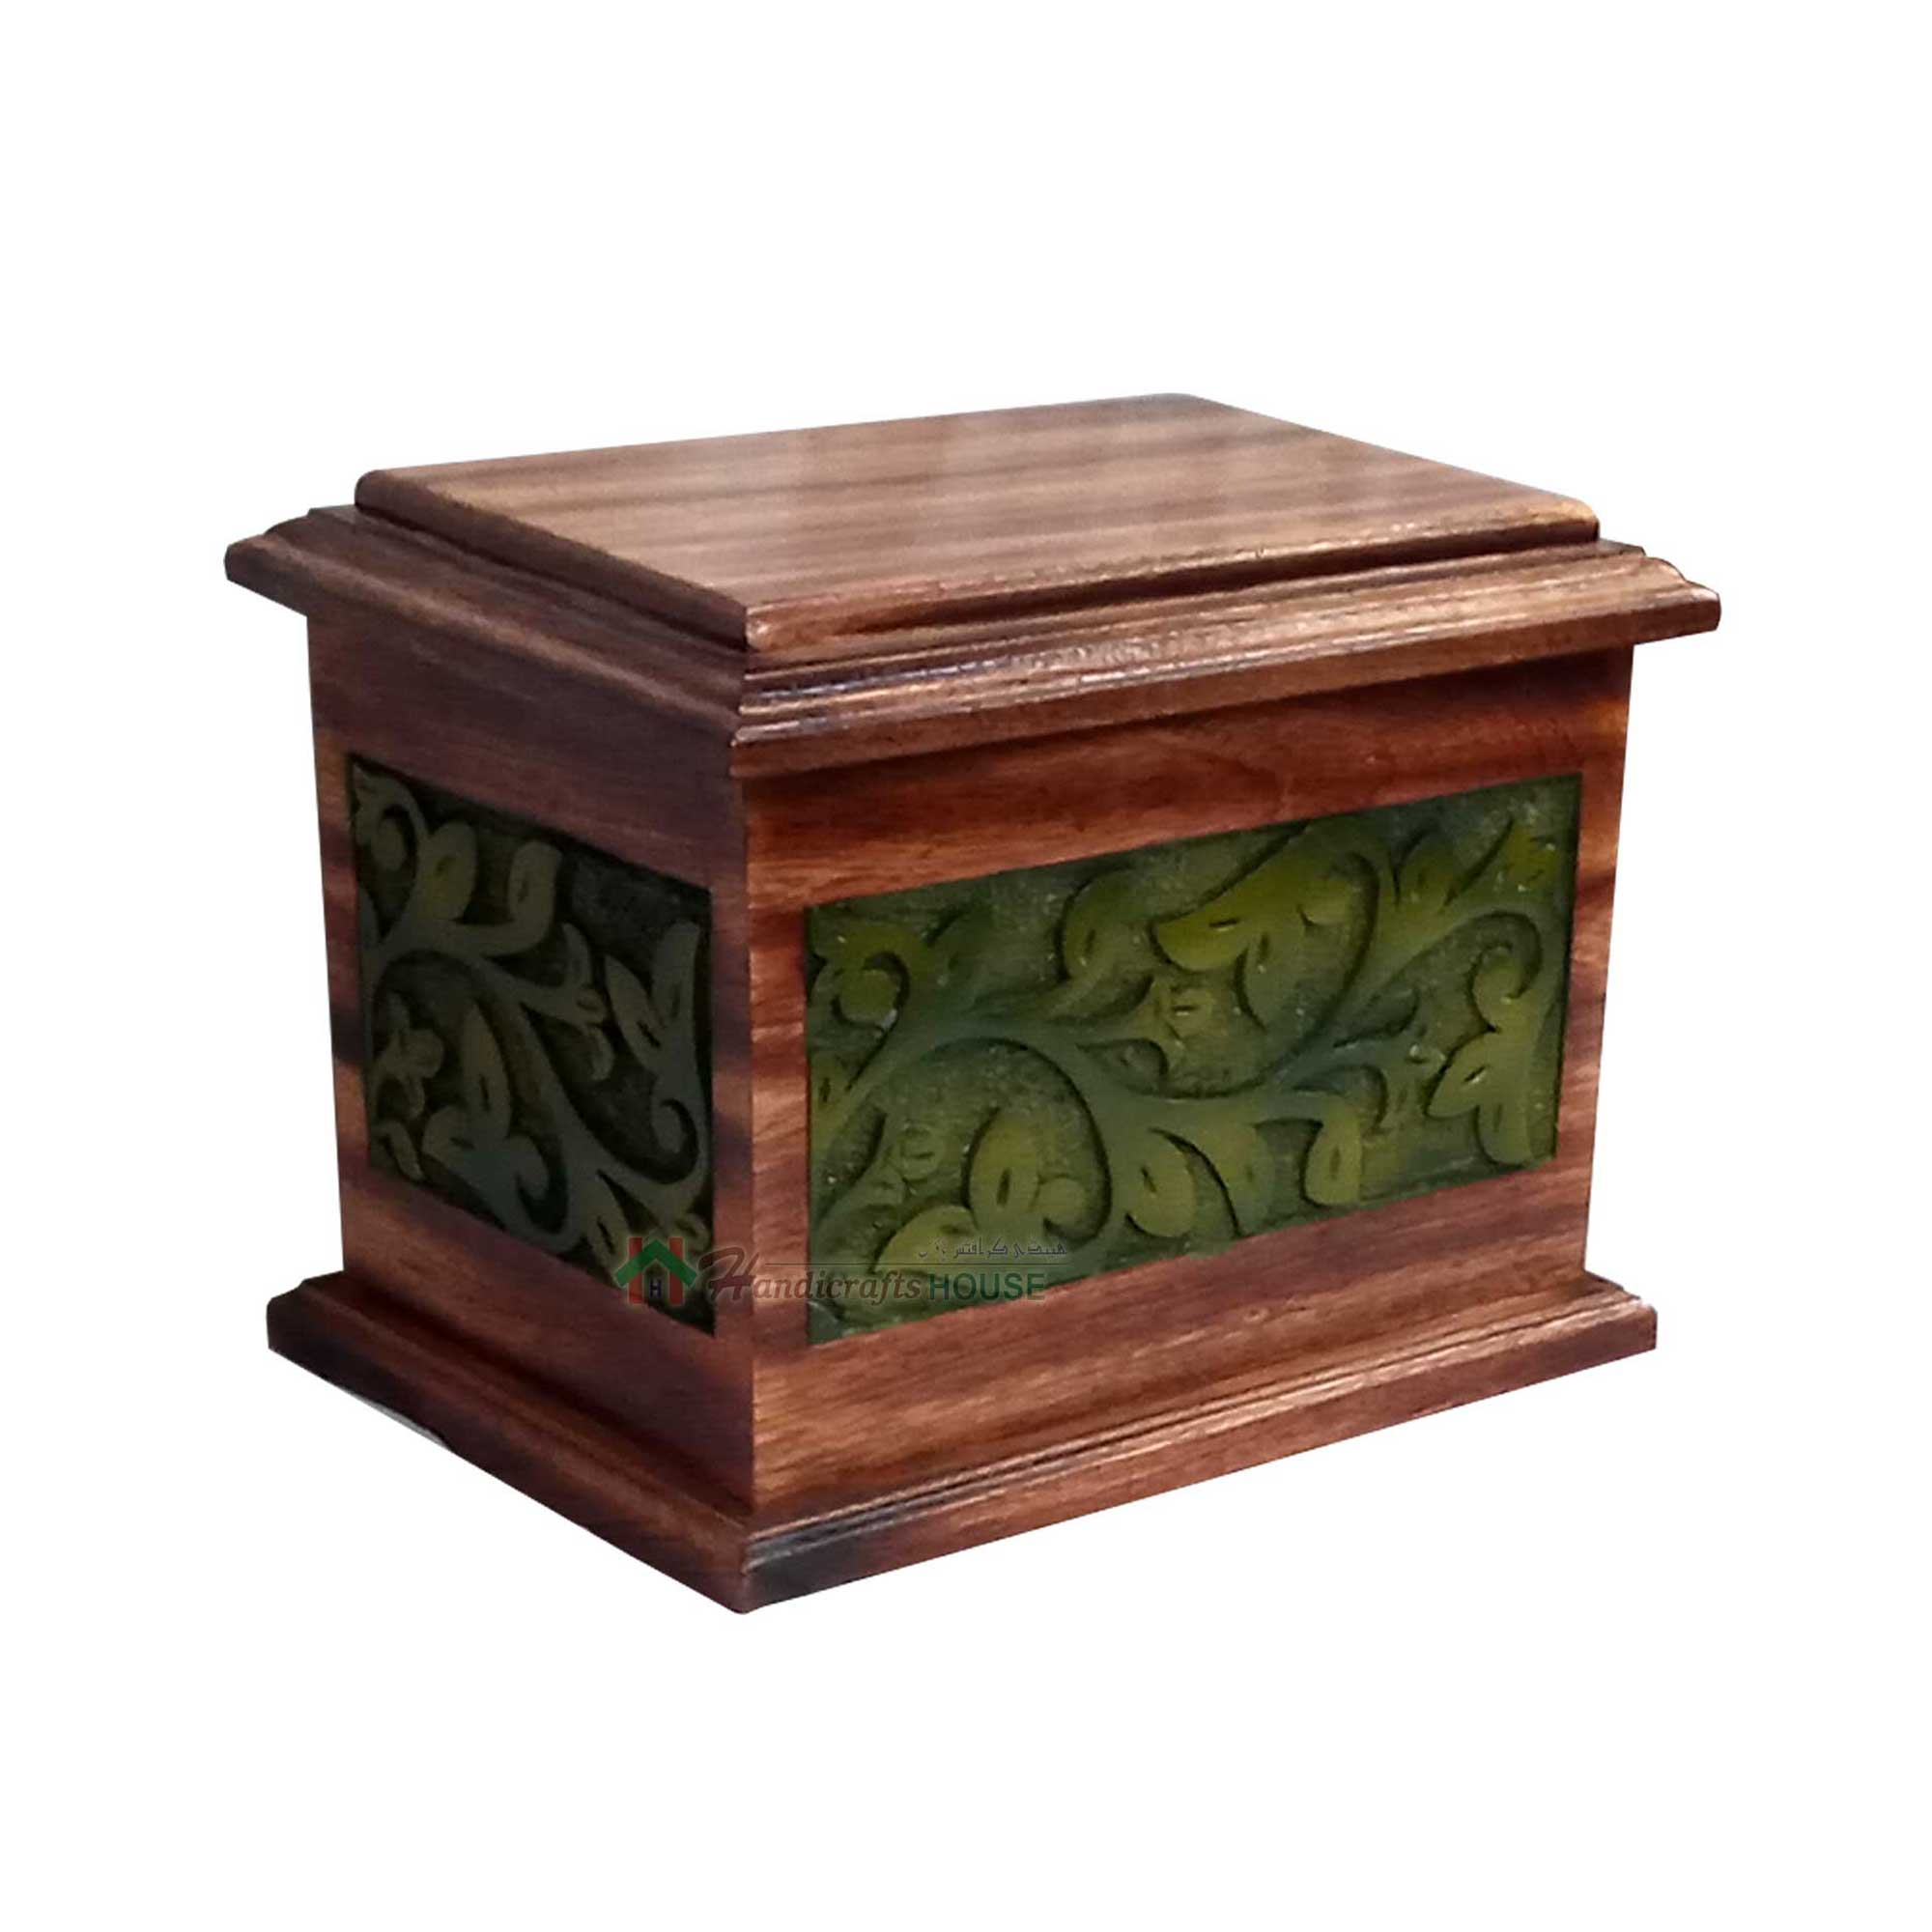 Wood Cremation Urns For Sale, Wooden Decorative Tableware, Timber Casket Urn